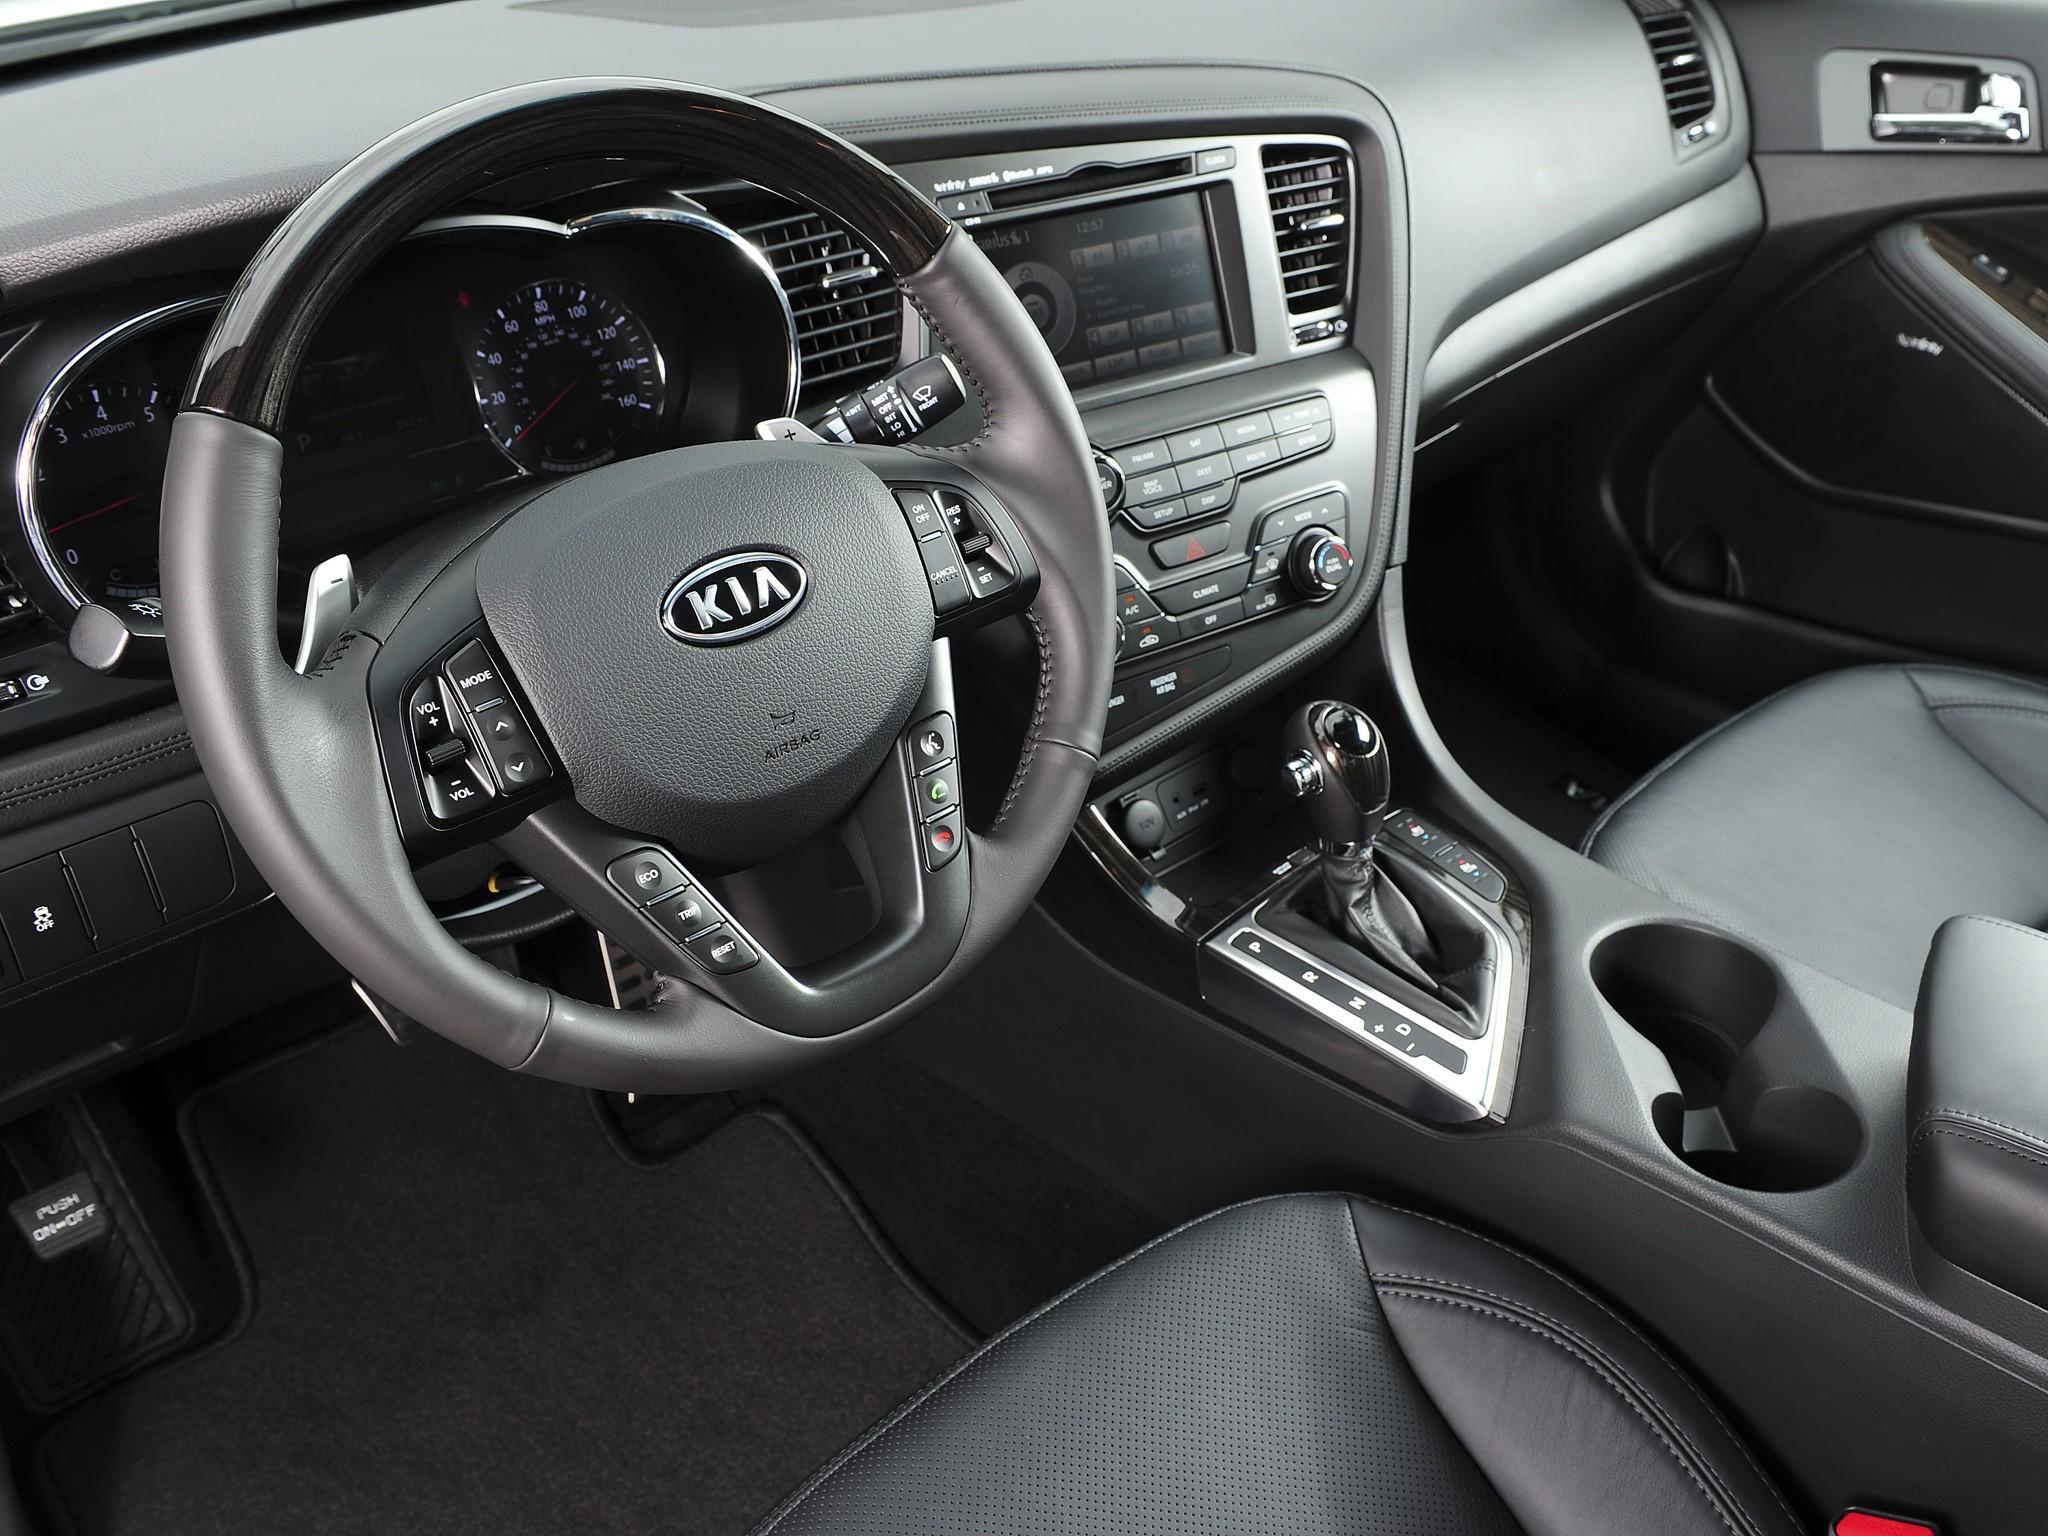 Kia Optima Sedan 4 Doors 2014 Model Interior  ...